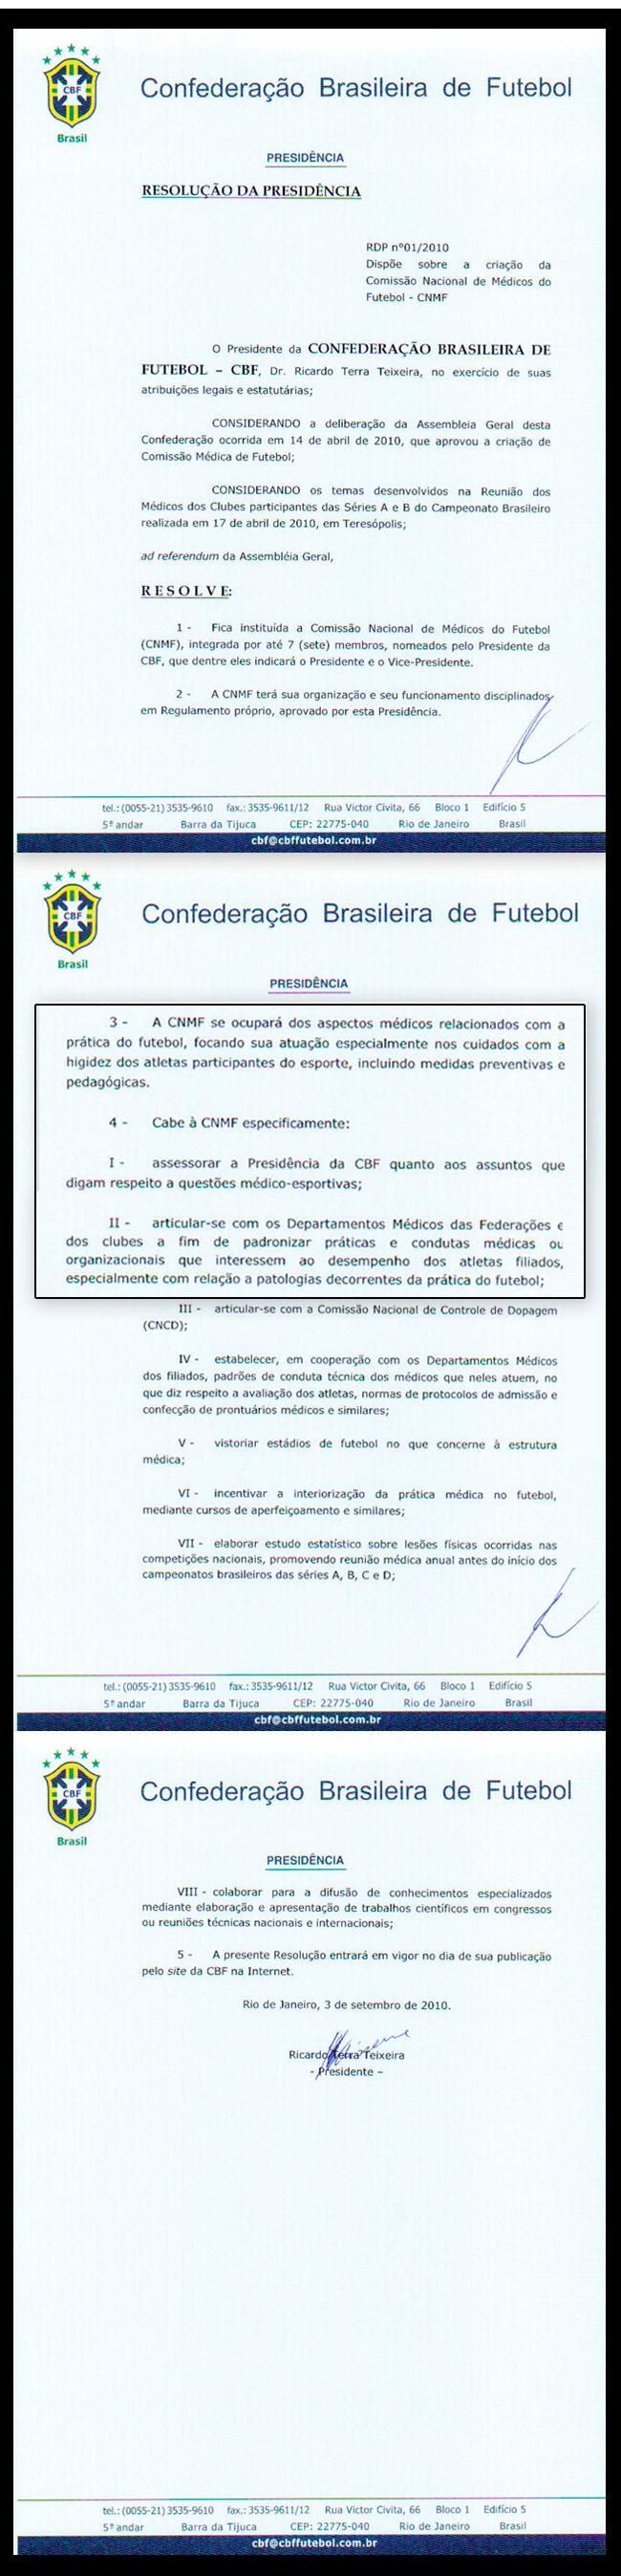 A Comissão de Médicos mantém vínculo com a CBF e foi lançada em 2010